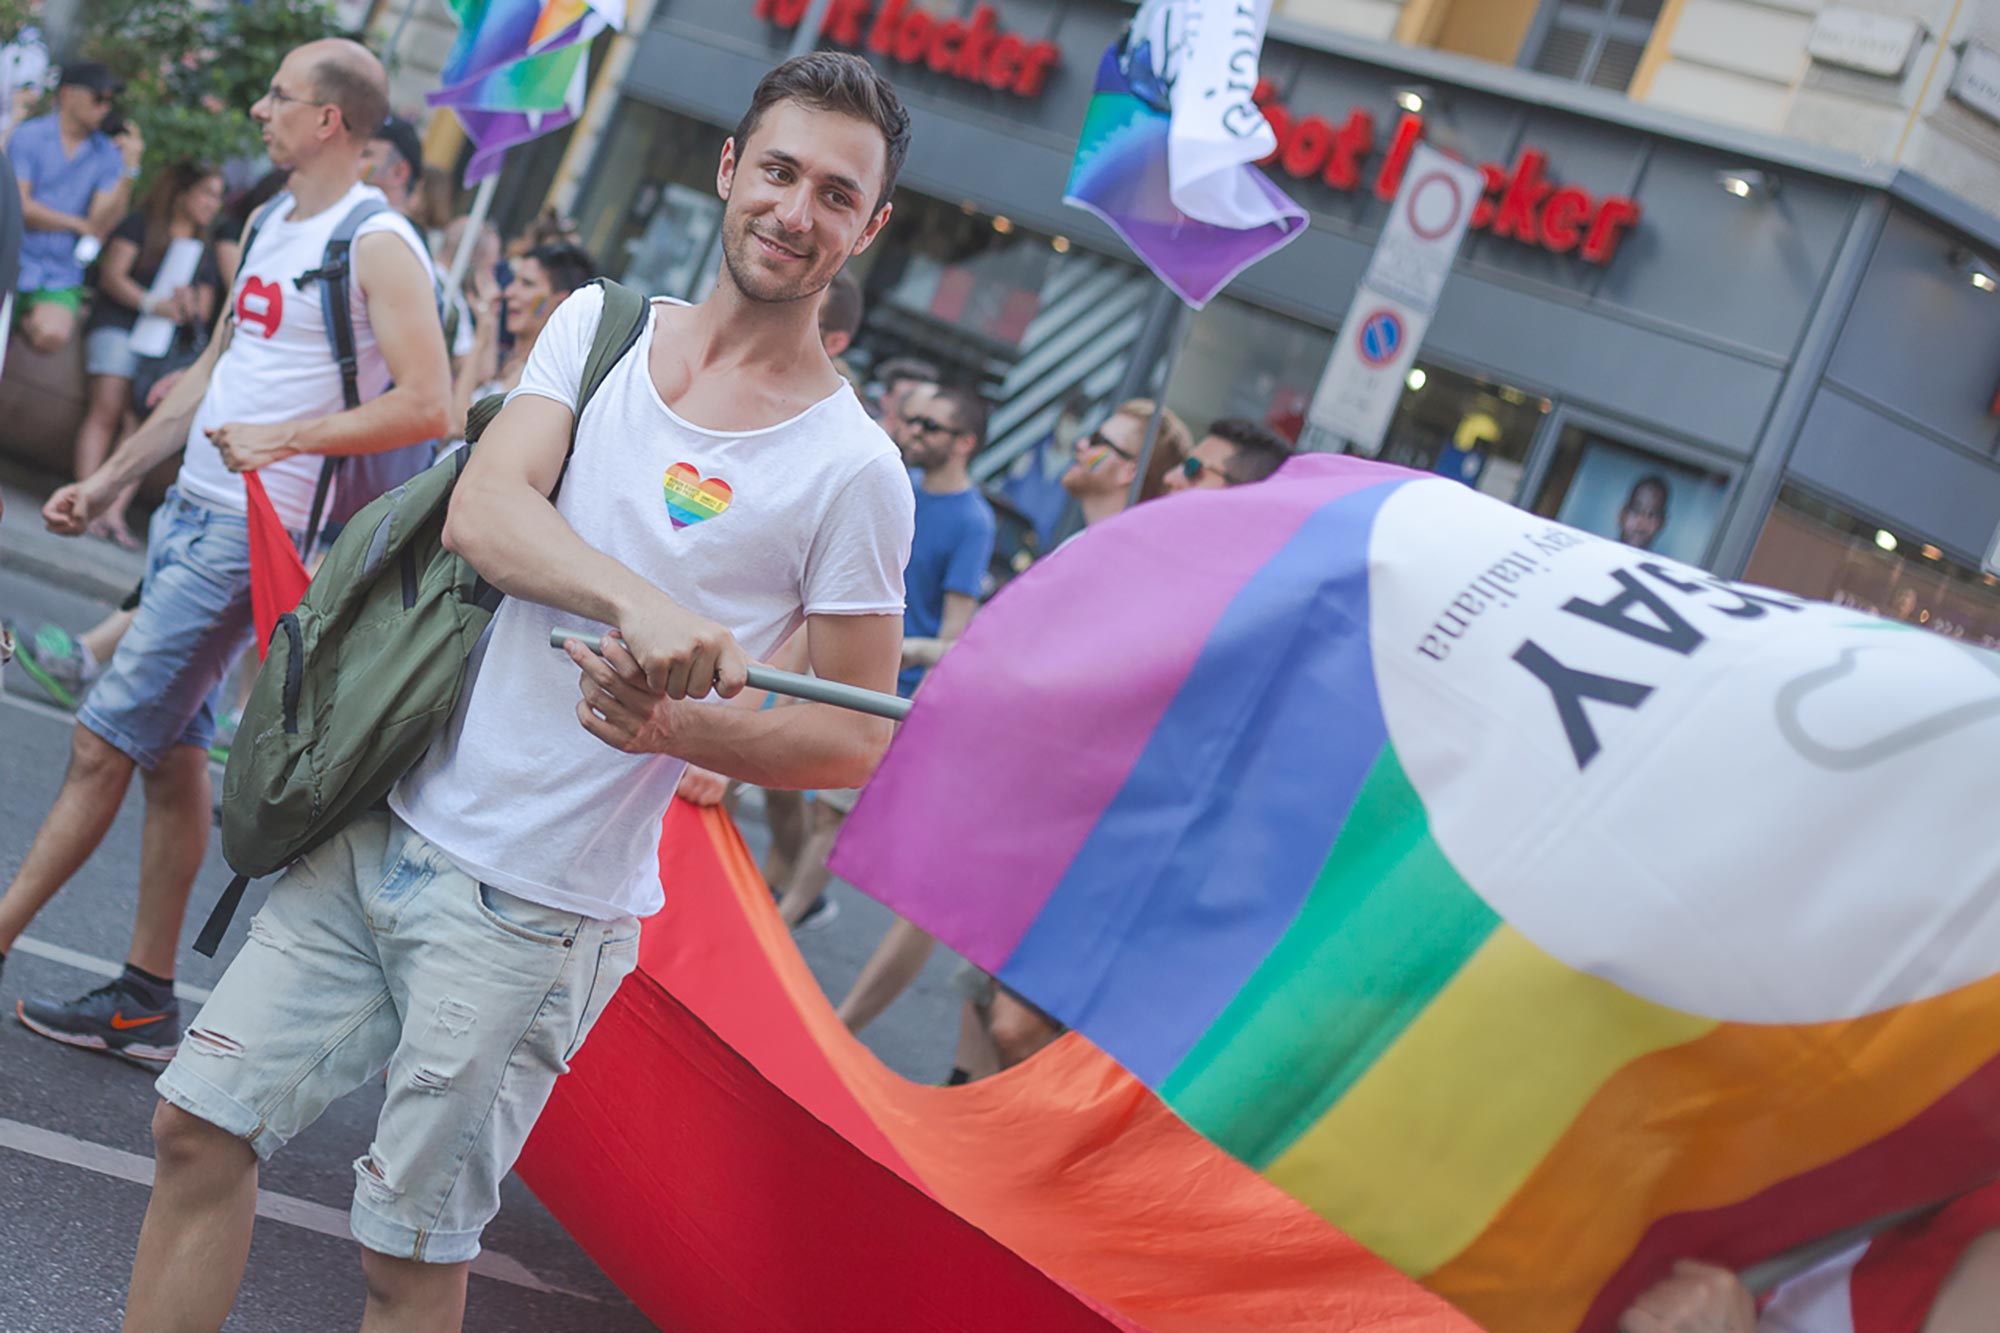 Perché serve una legge contro l'omofobia in Italia